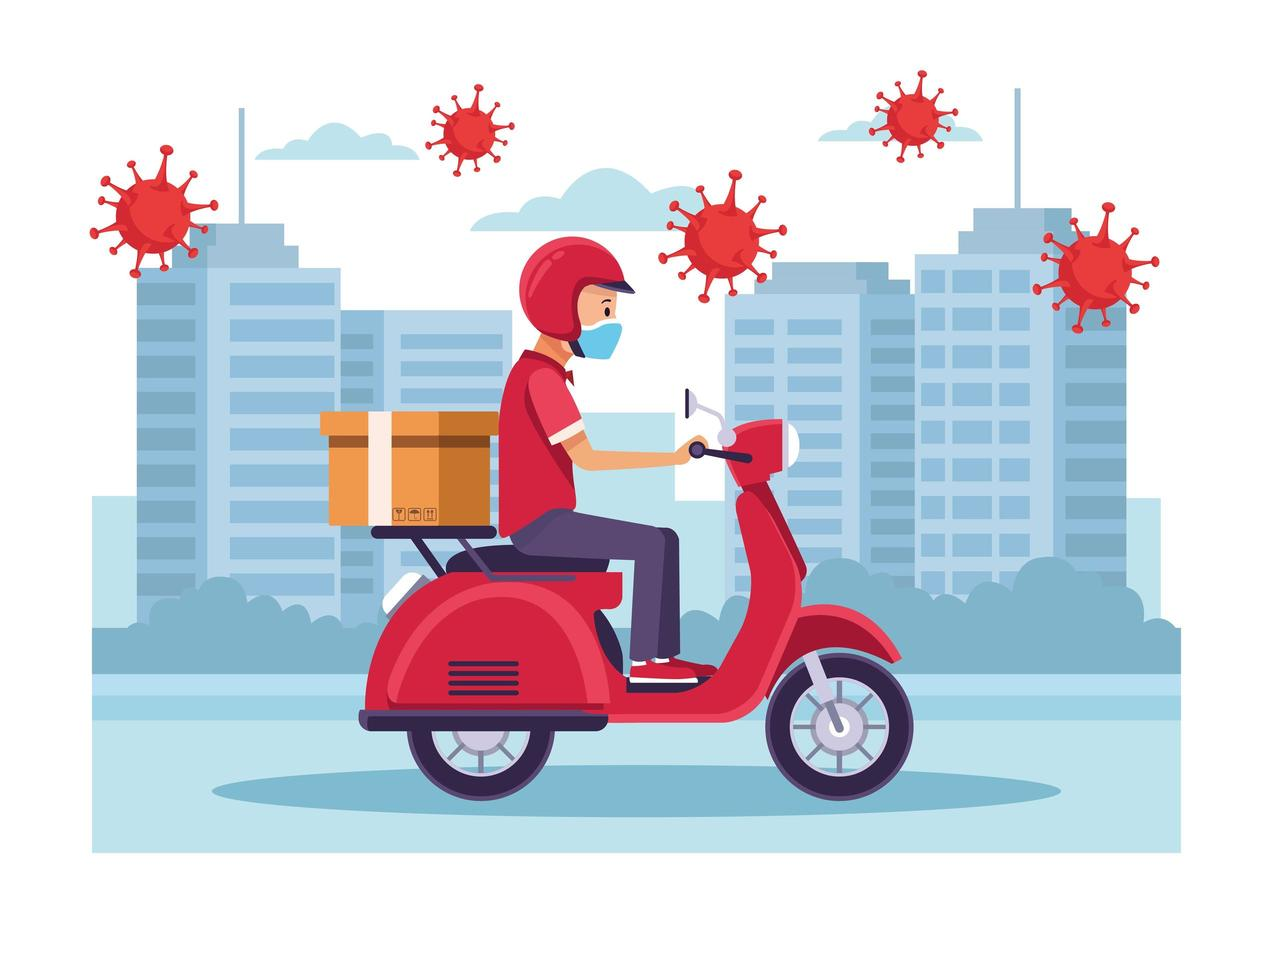 corriere nel servizio di consegna di moto con particelle covid-19 vettore